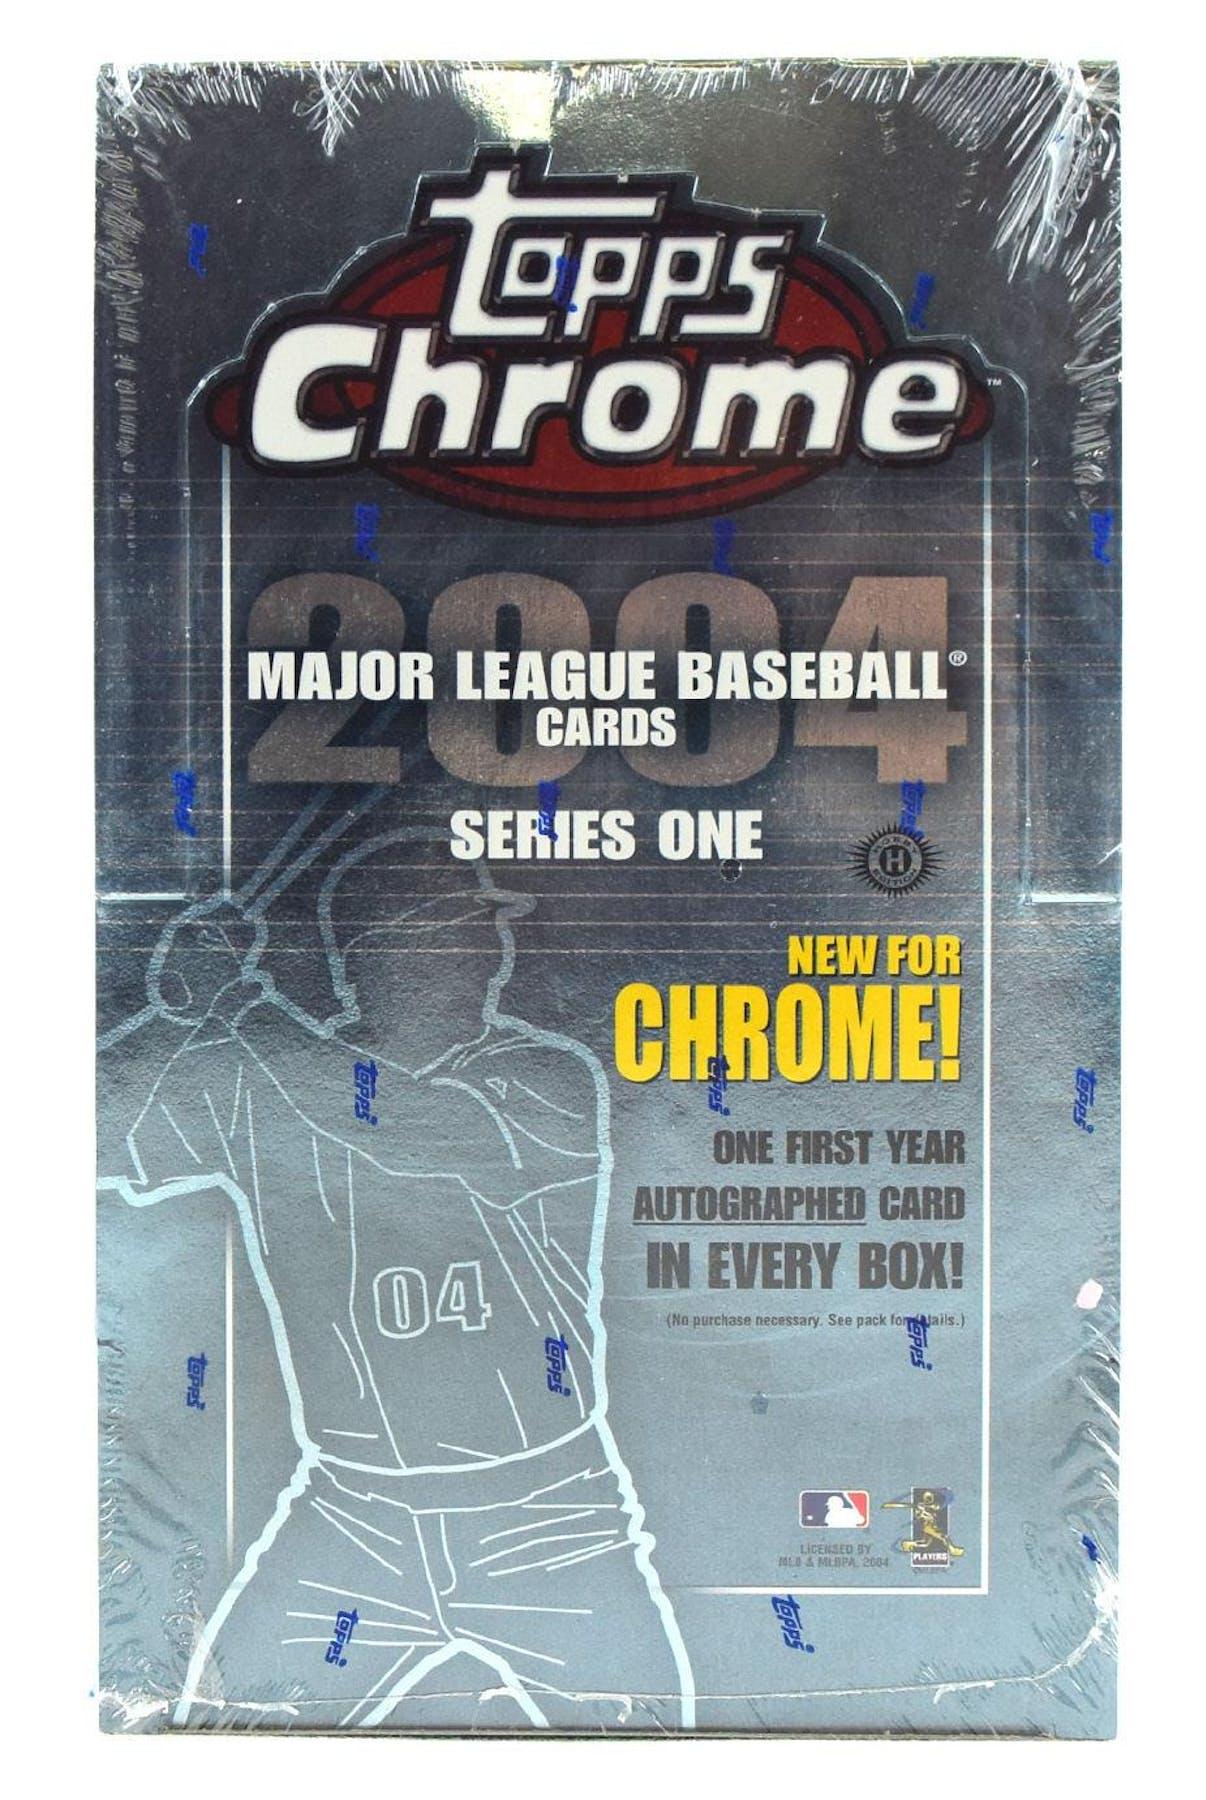 2004 Topps Chrome Series 1 Baseball Hobby Box Da Card